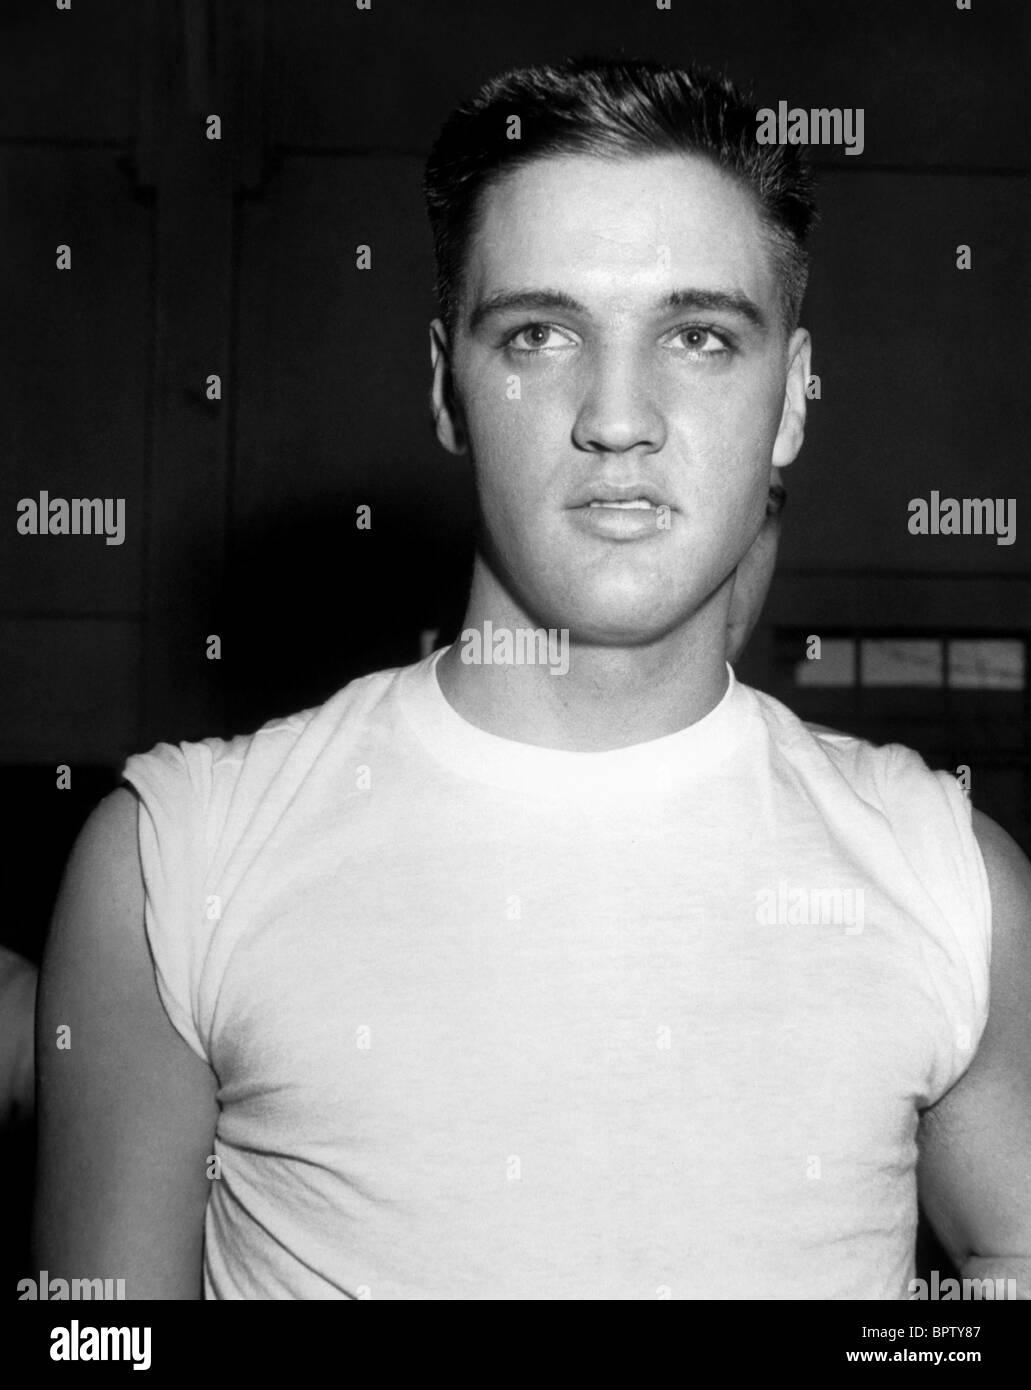 ELVIS PRESLEY IN THE ARMY SINGER ACTOR 1958